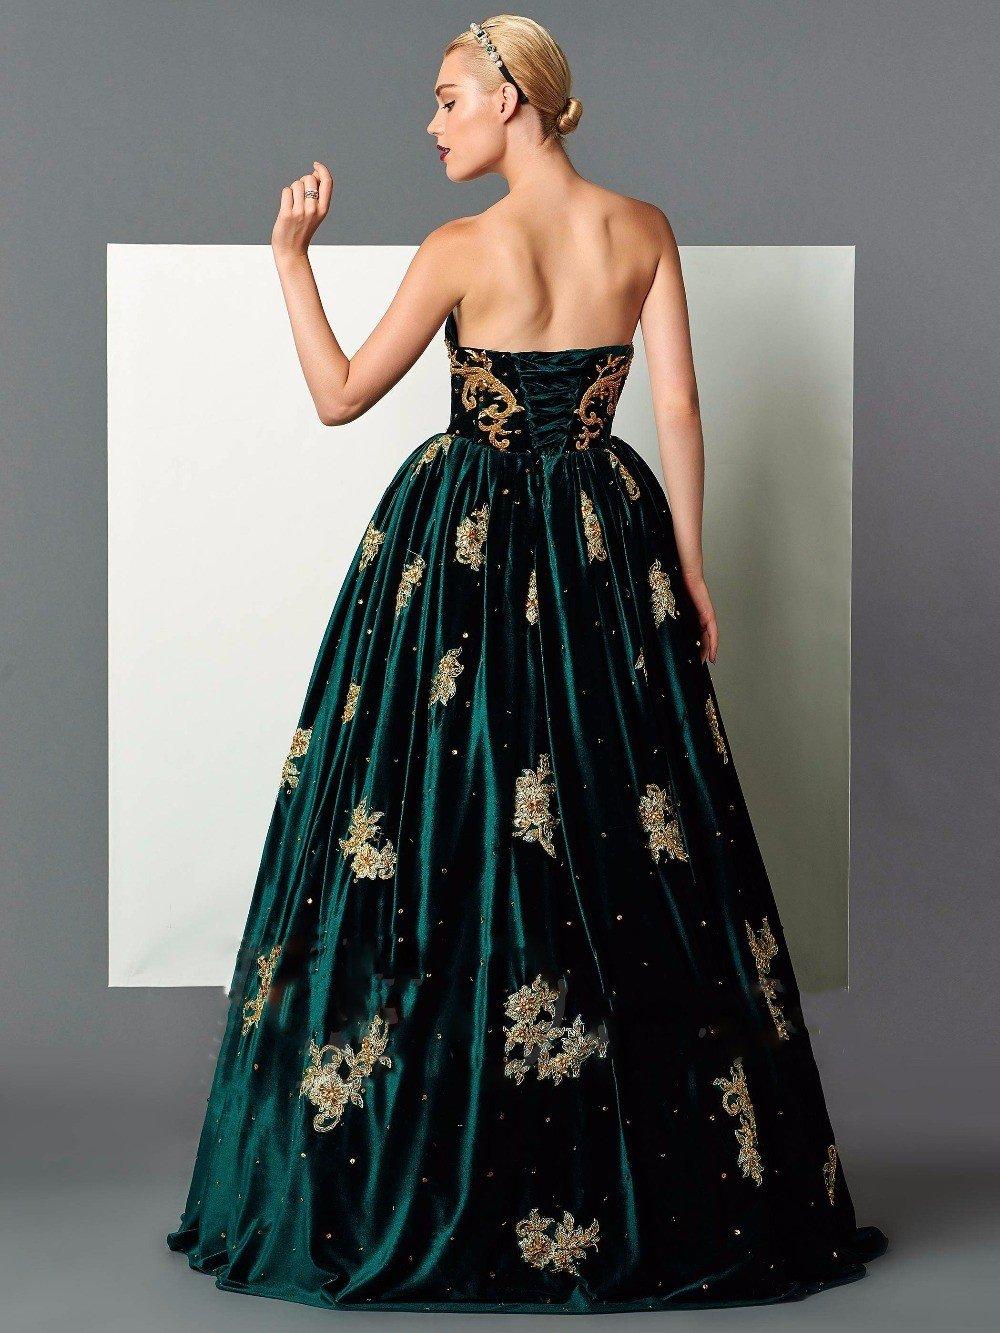 зеленое бархатное длинное платье с пышной юбкой с золотыми узорами